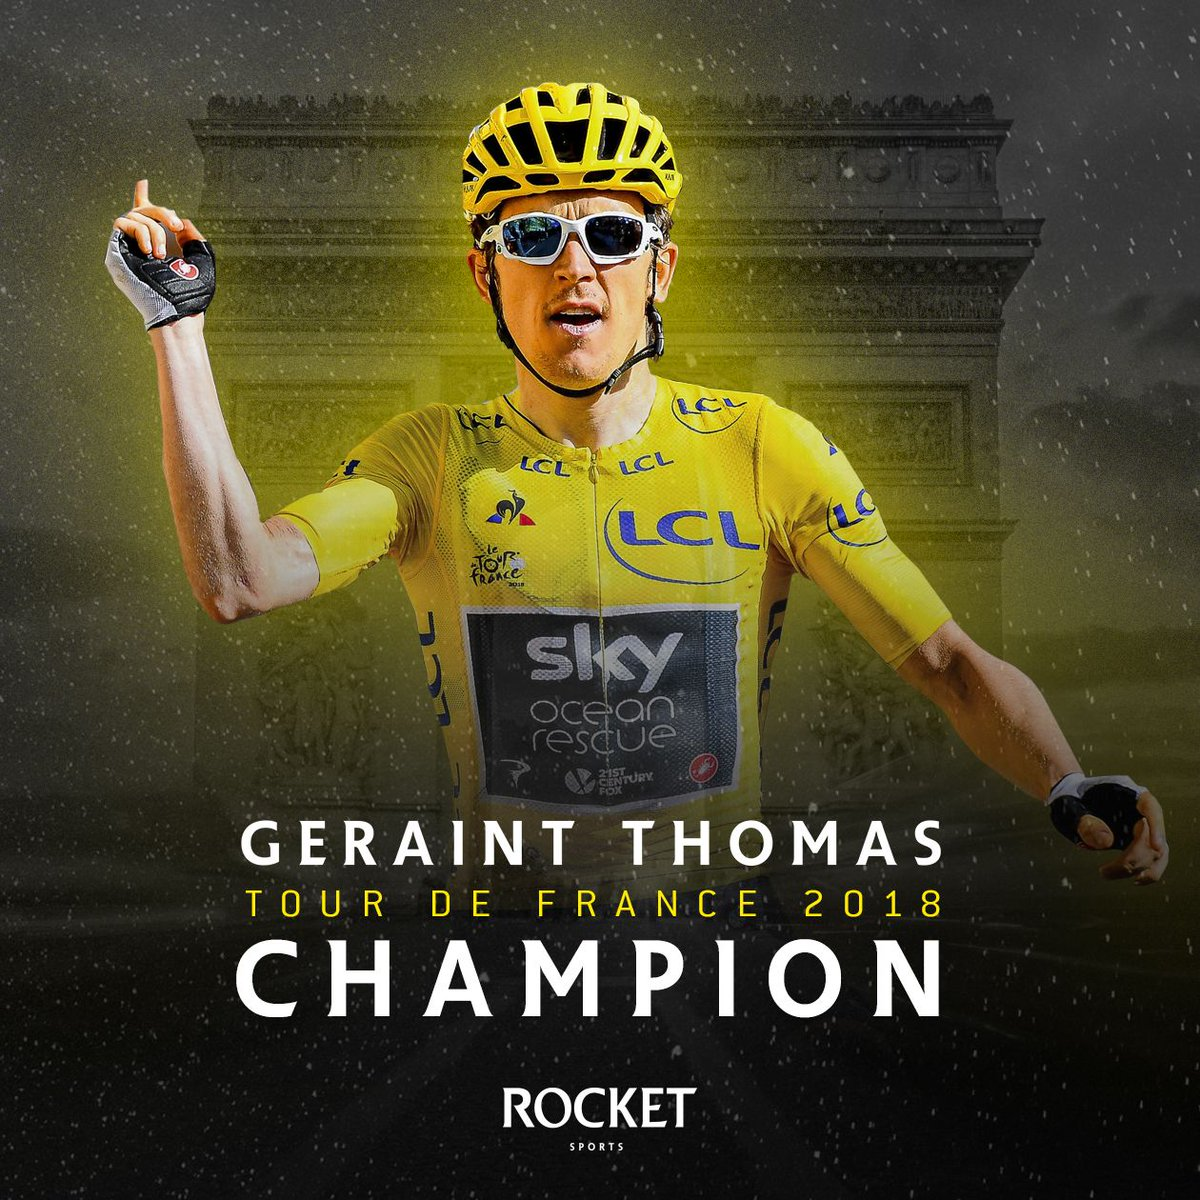 Vive le Tour! #Winner #GeraintThomas #tdf2018 #Rocket Sports